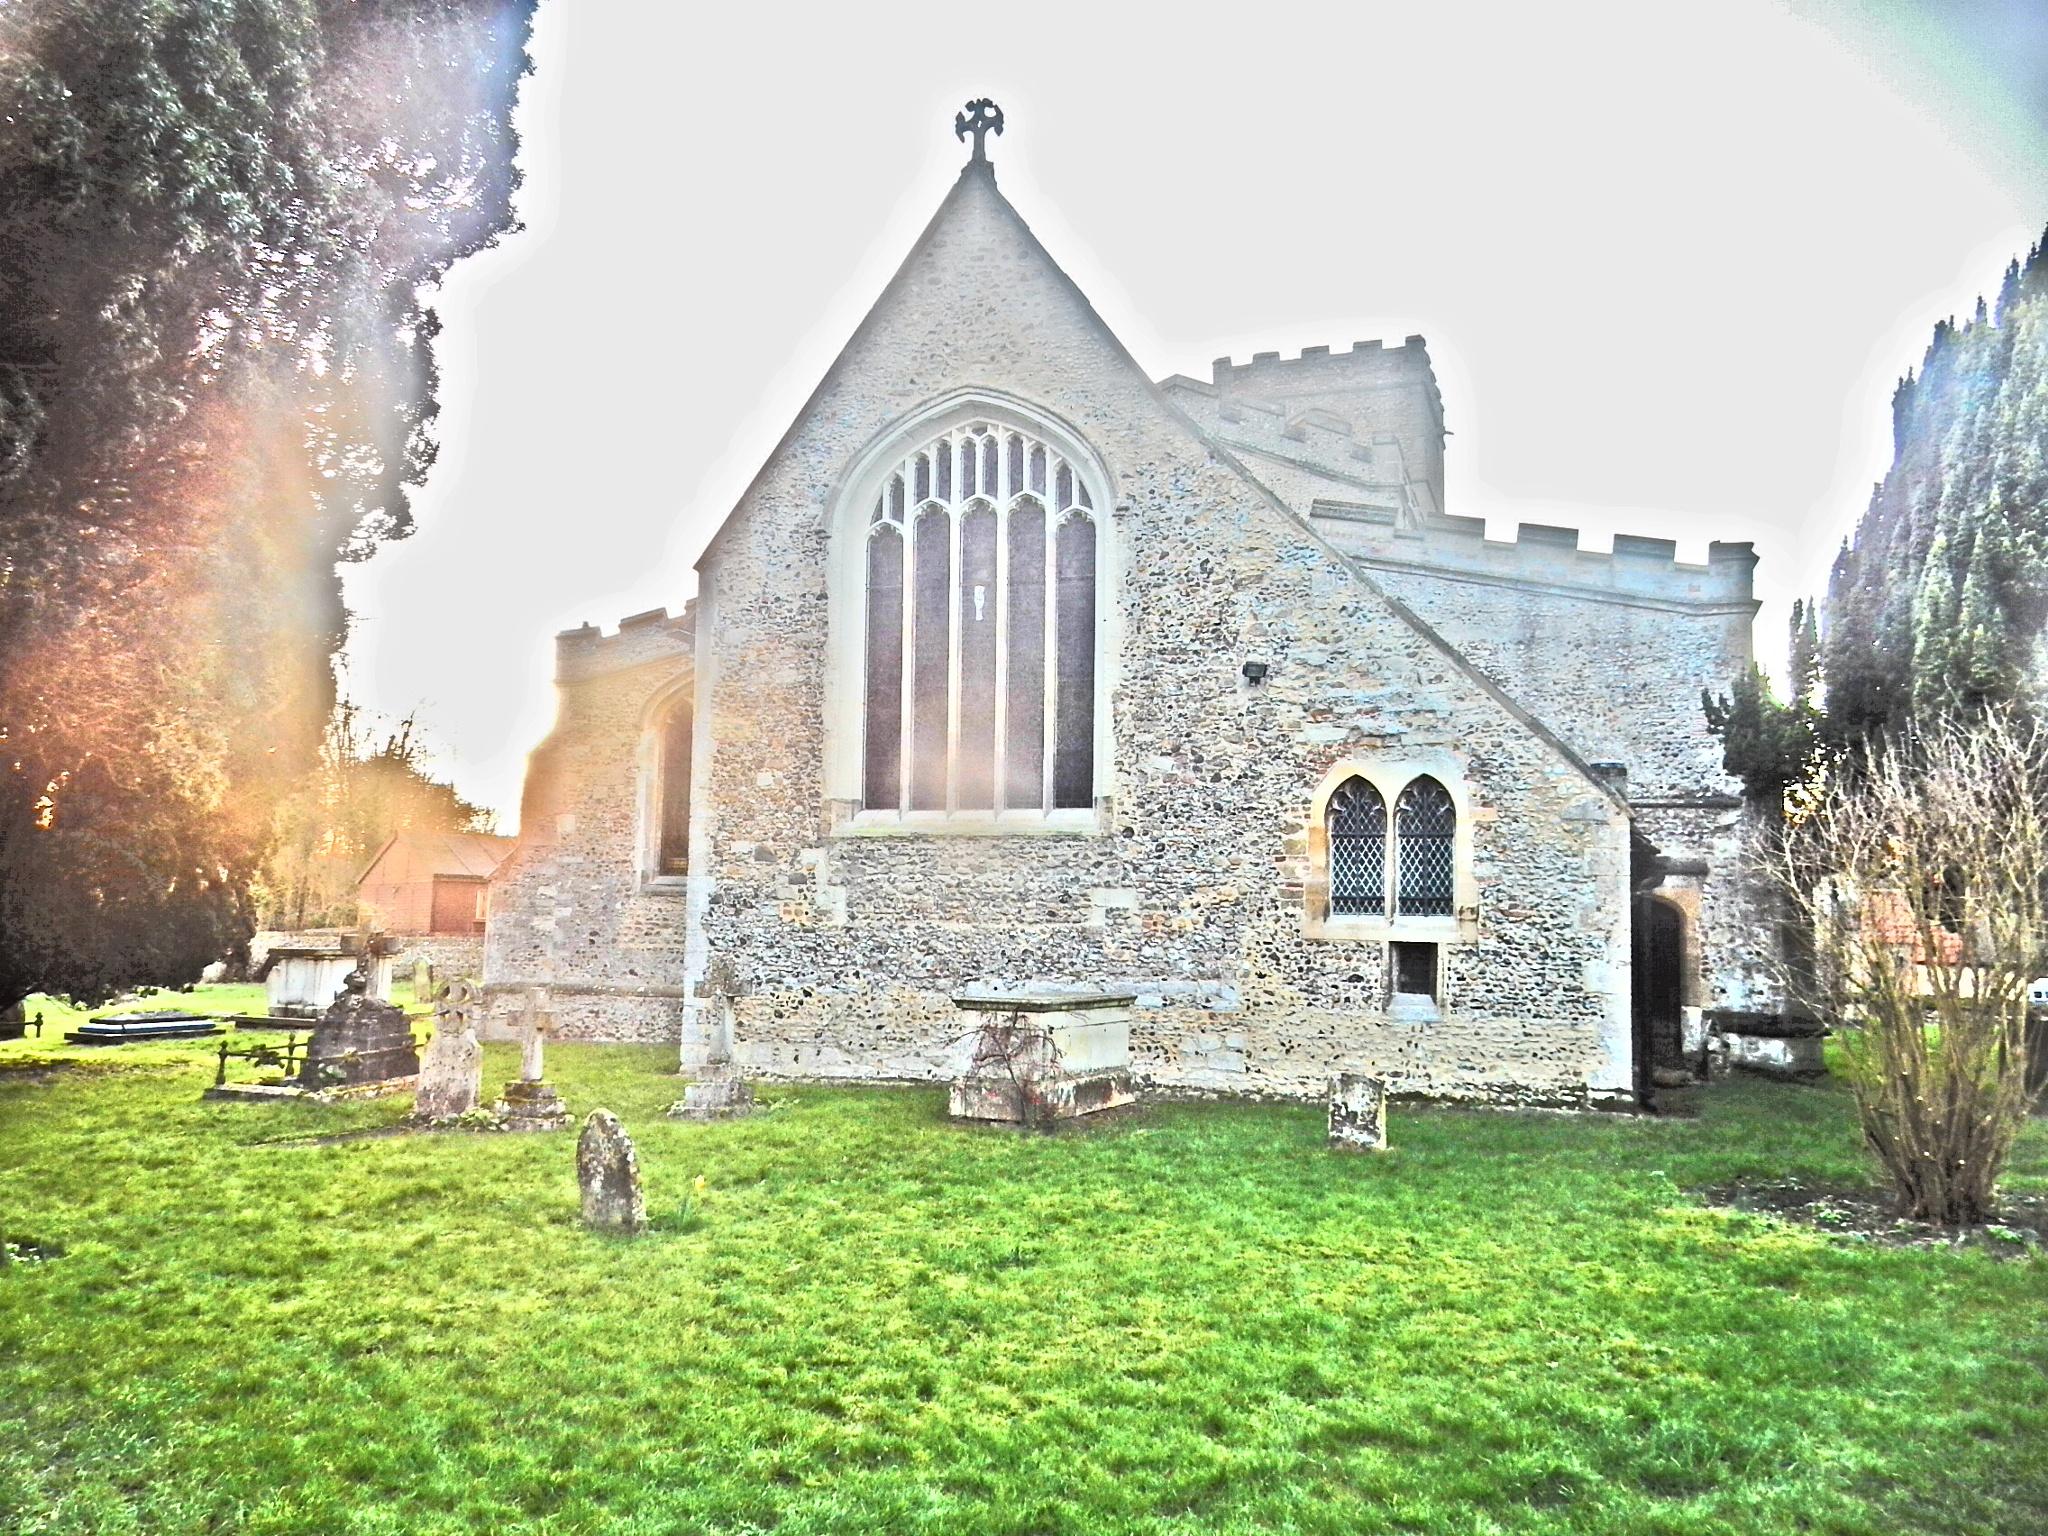 St Marys Church by Simon Hill